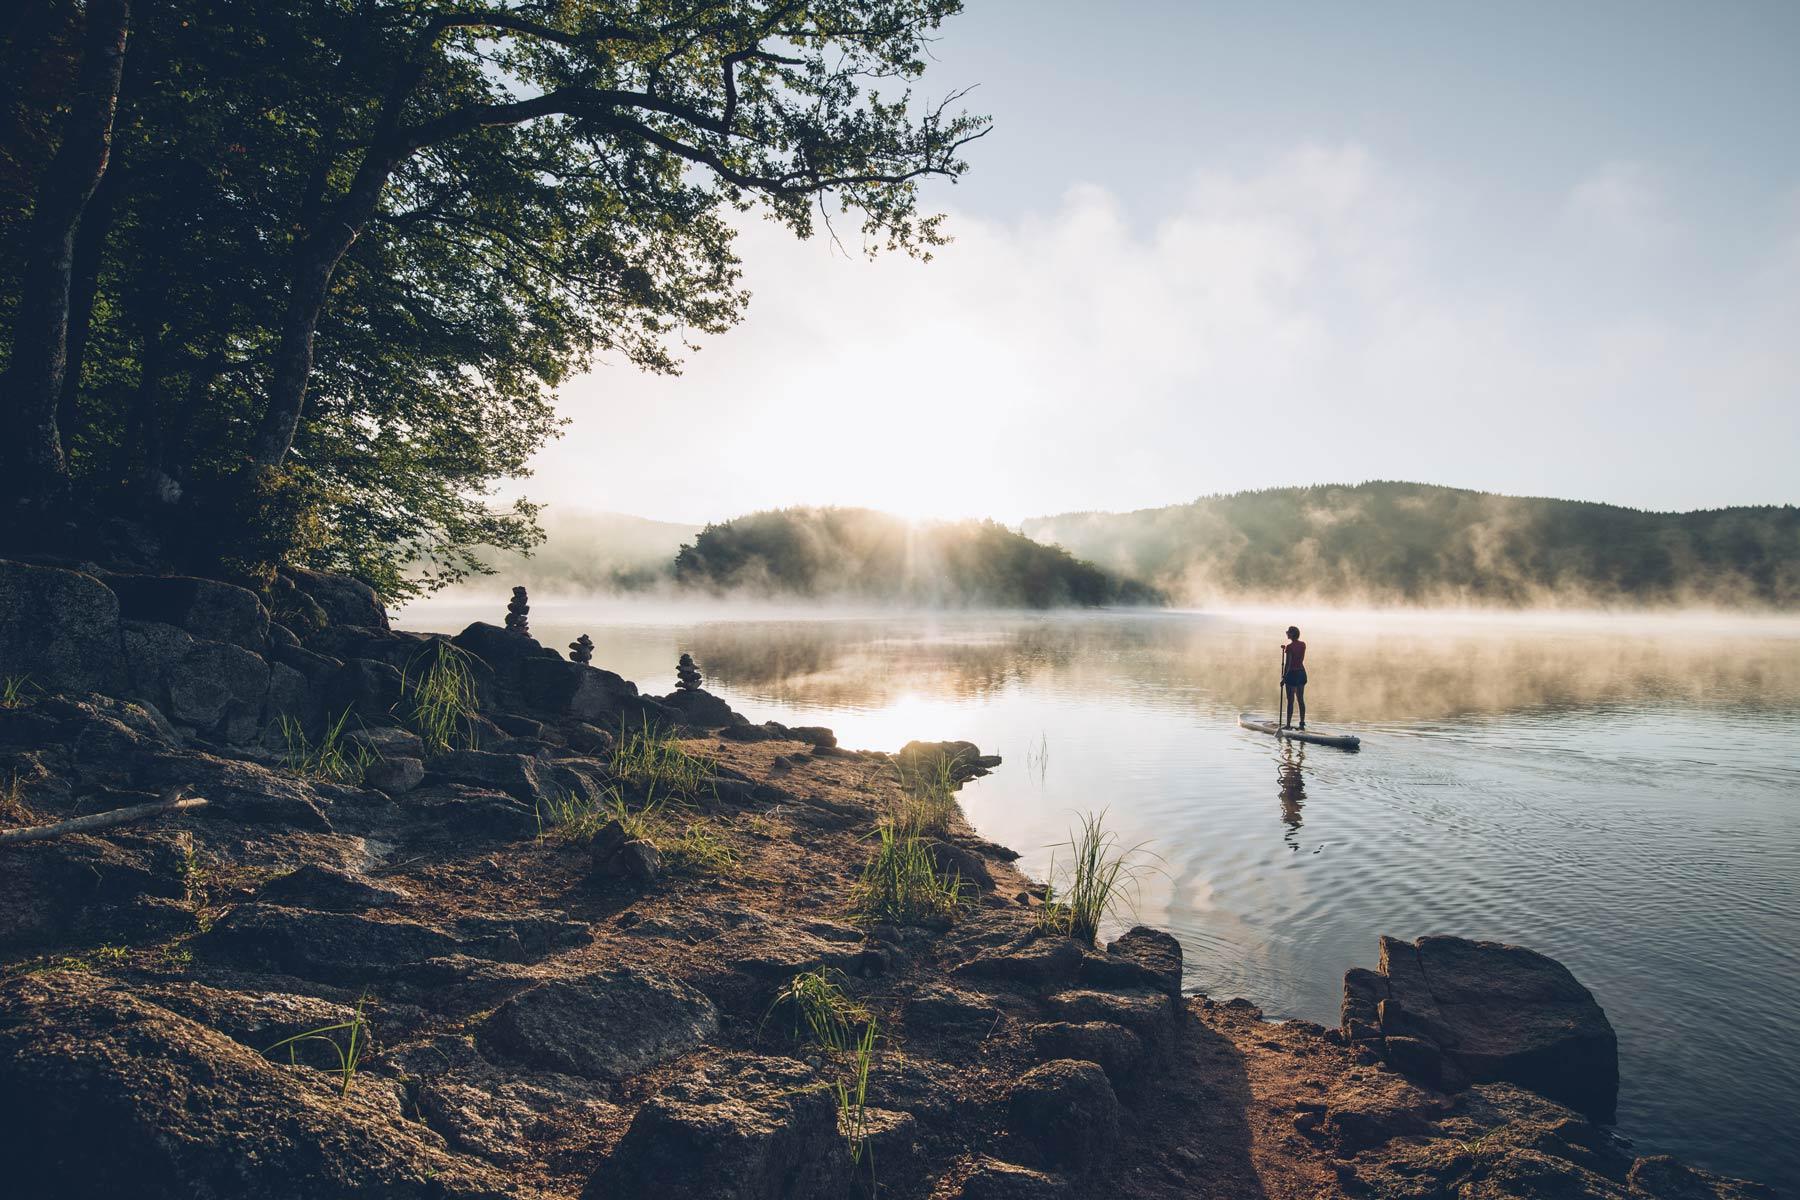 Paddle sur les lacs du Morvan, Bourgogne